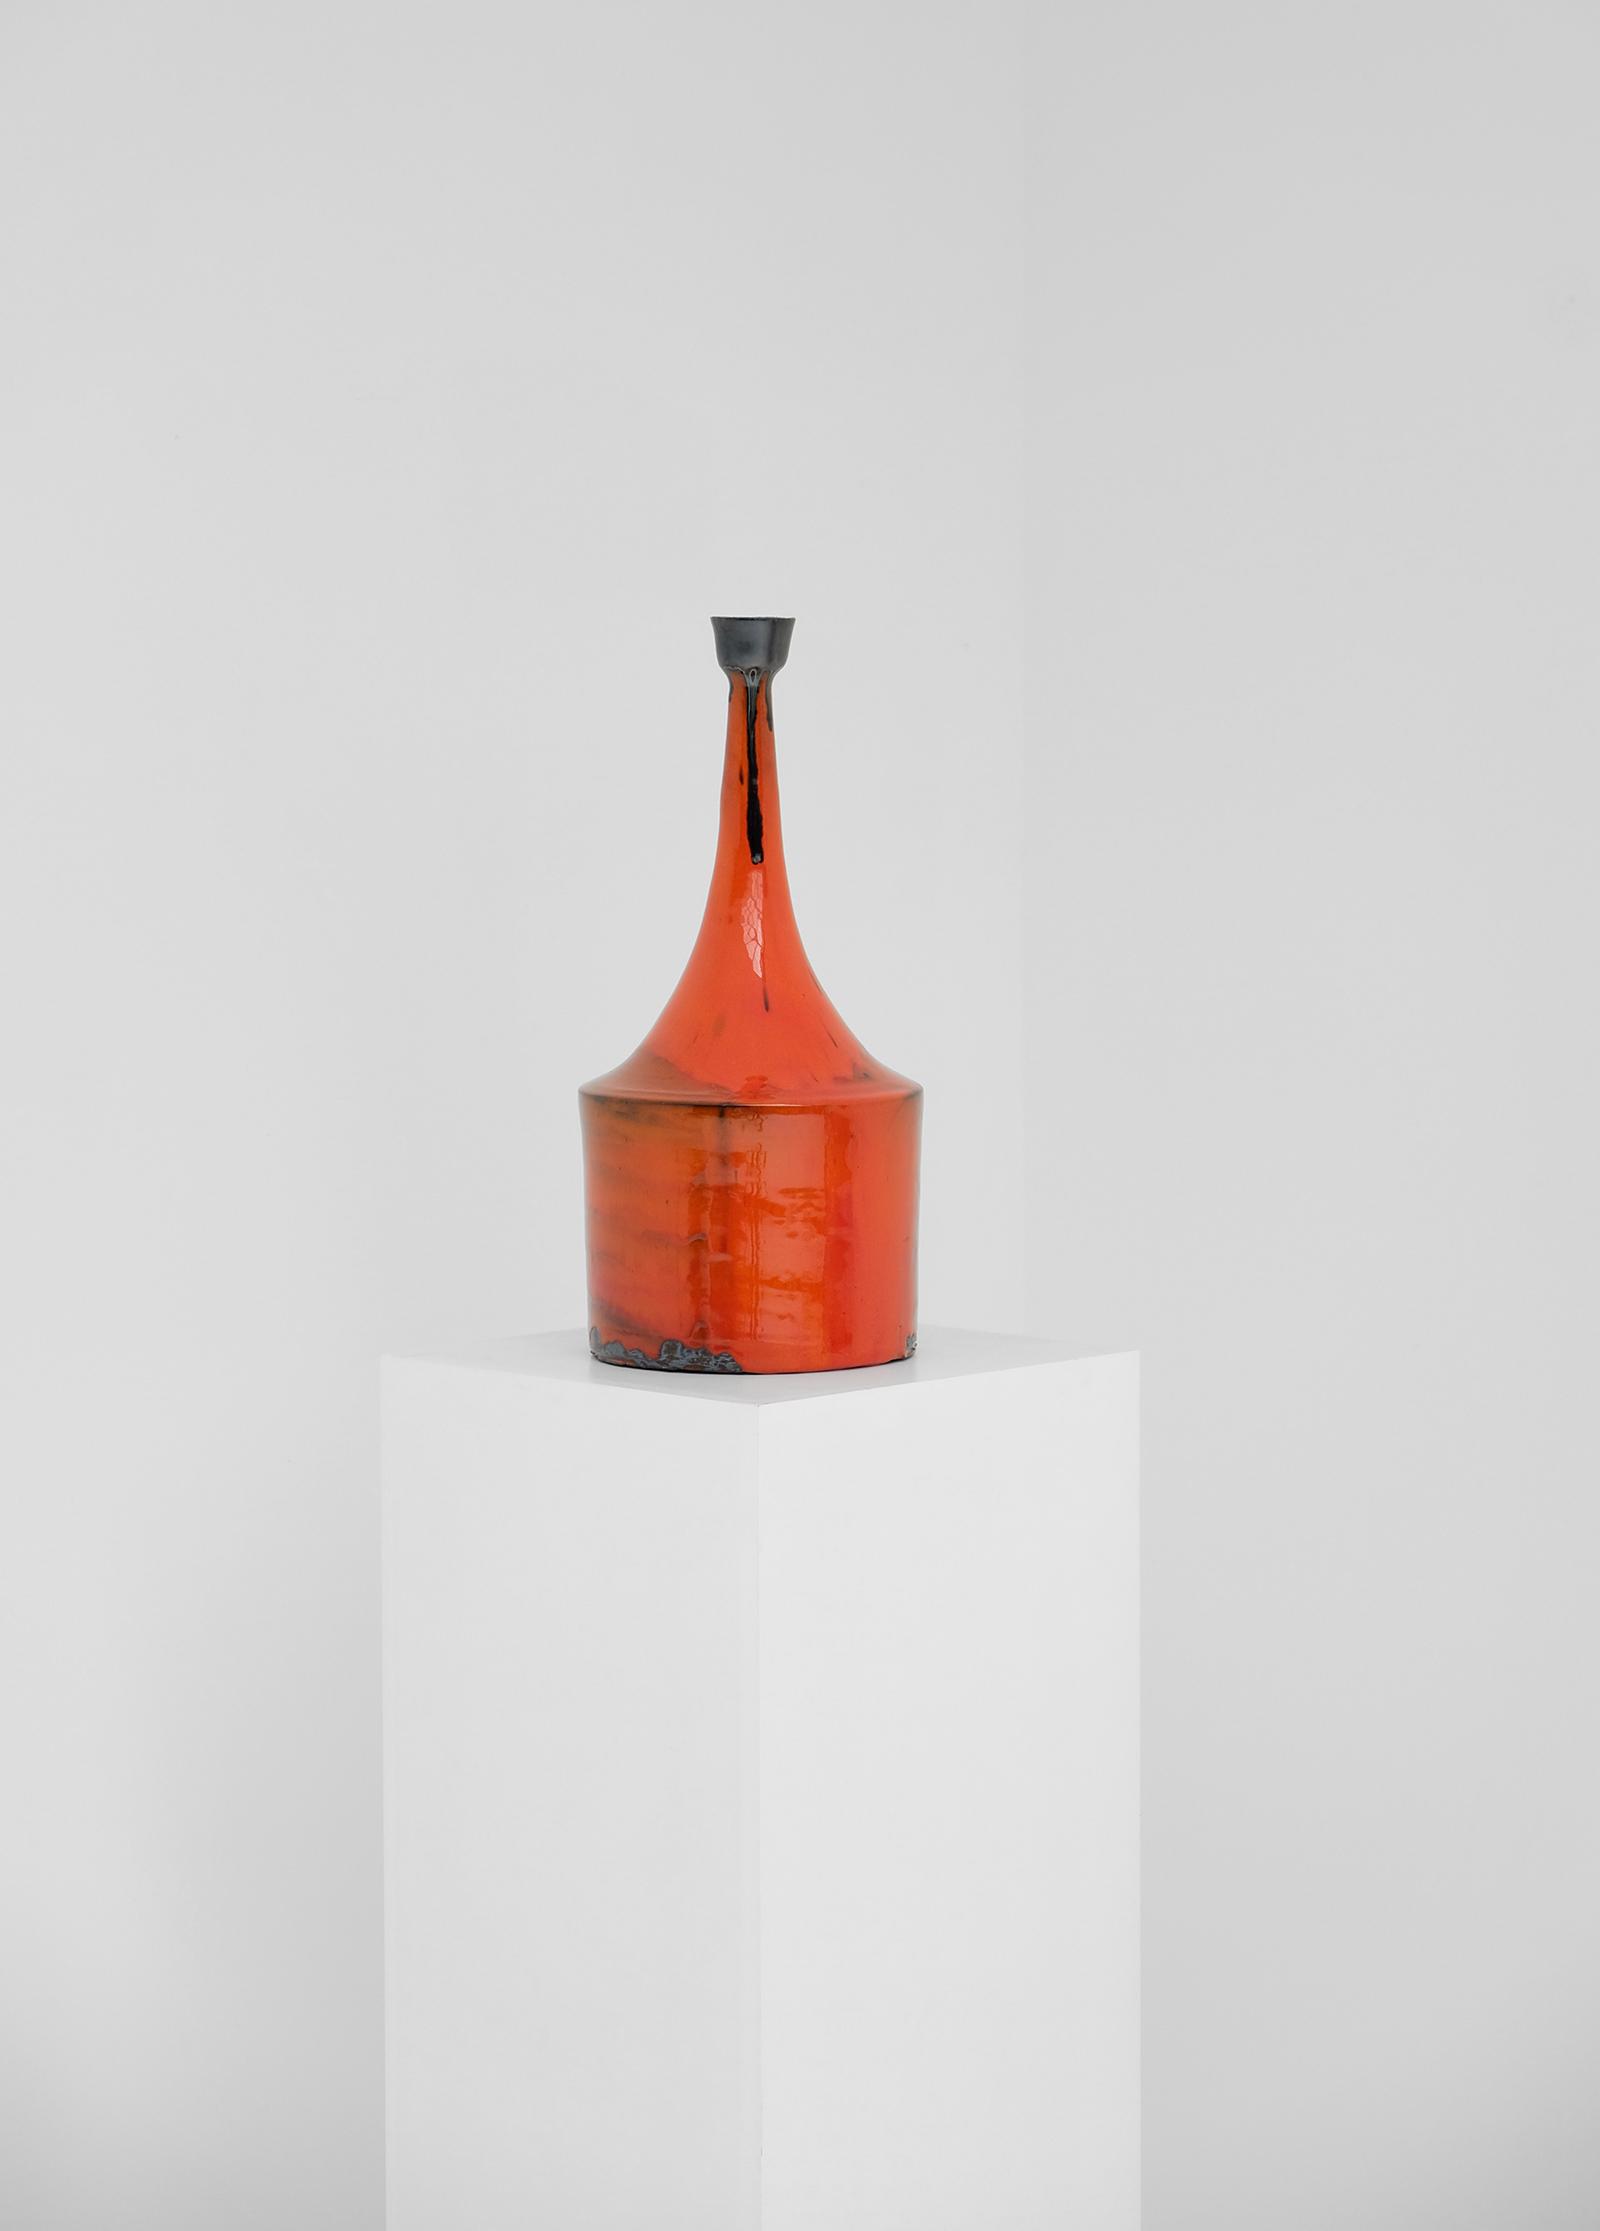 Orange Ceramic Vase 60simage 2